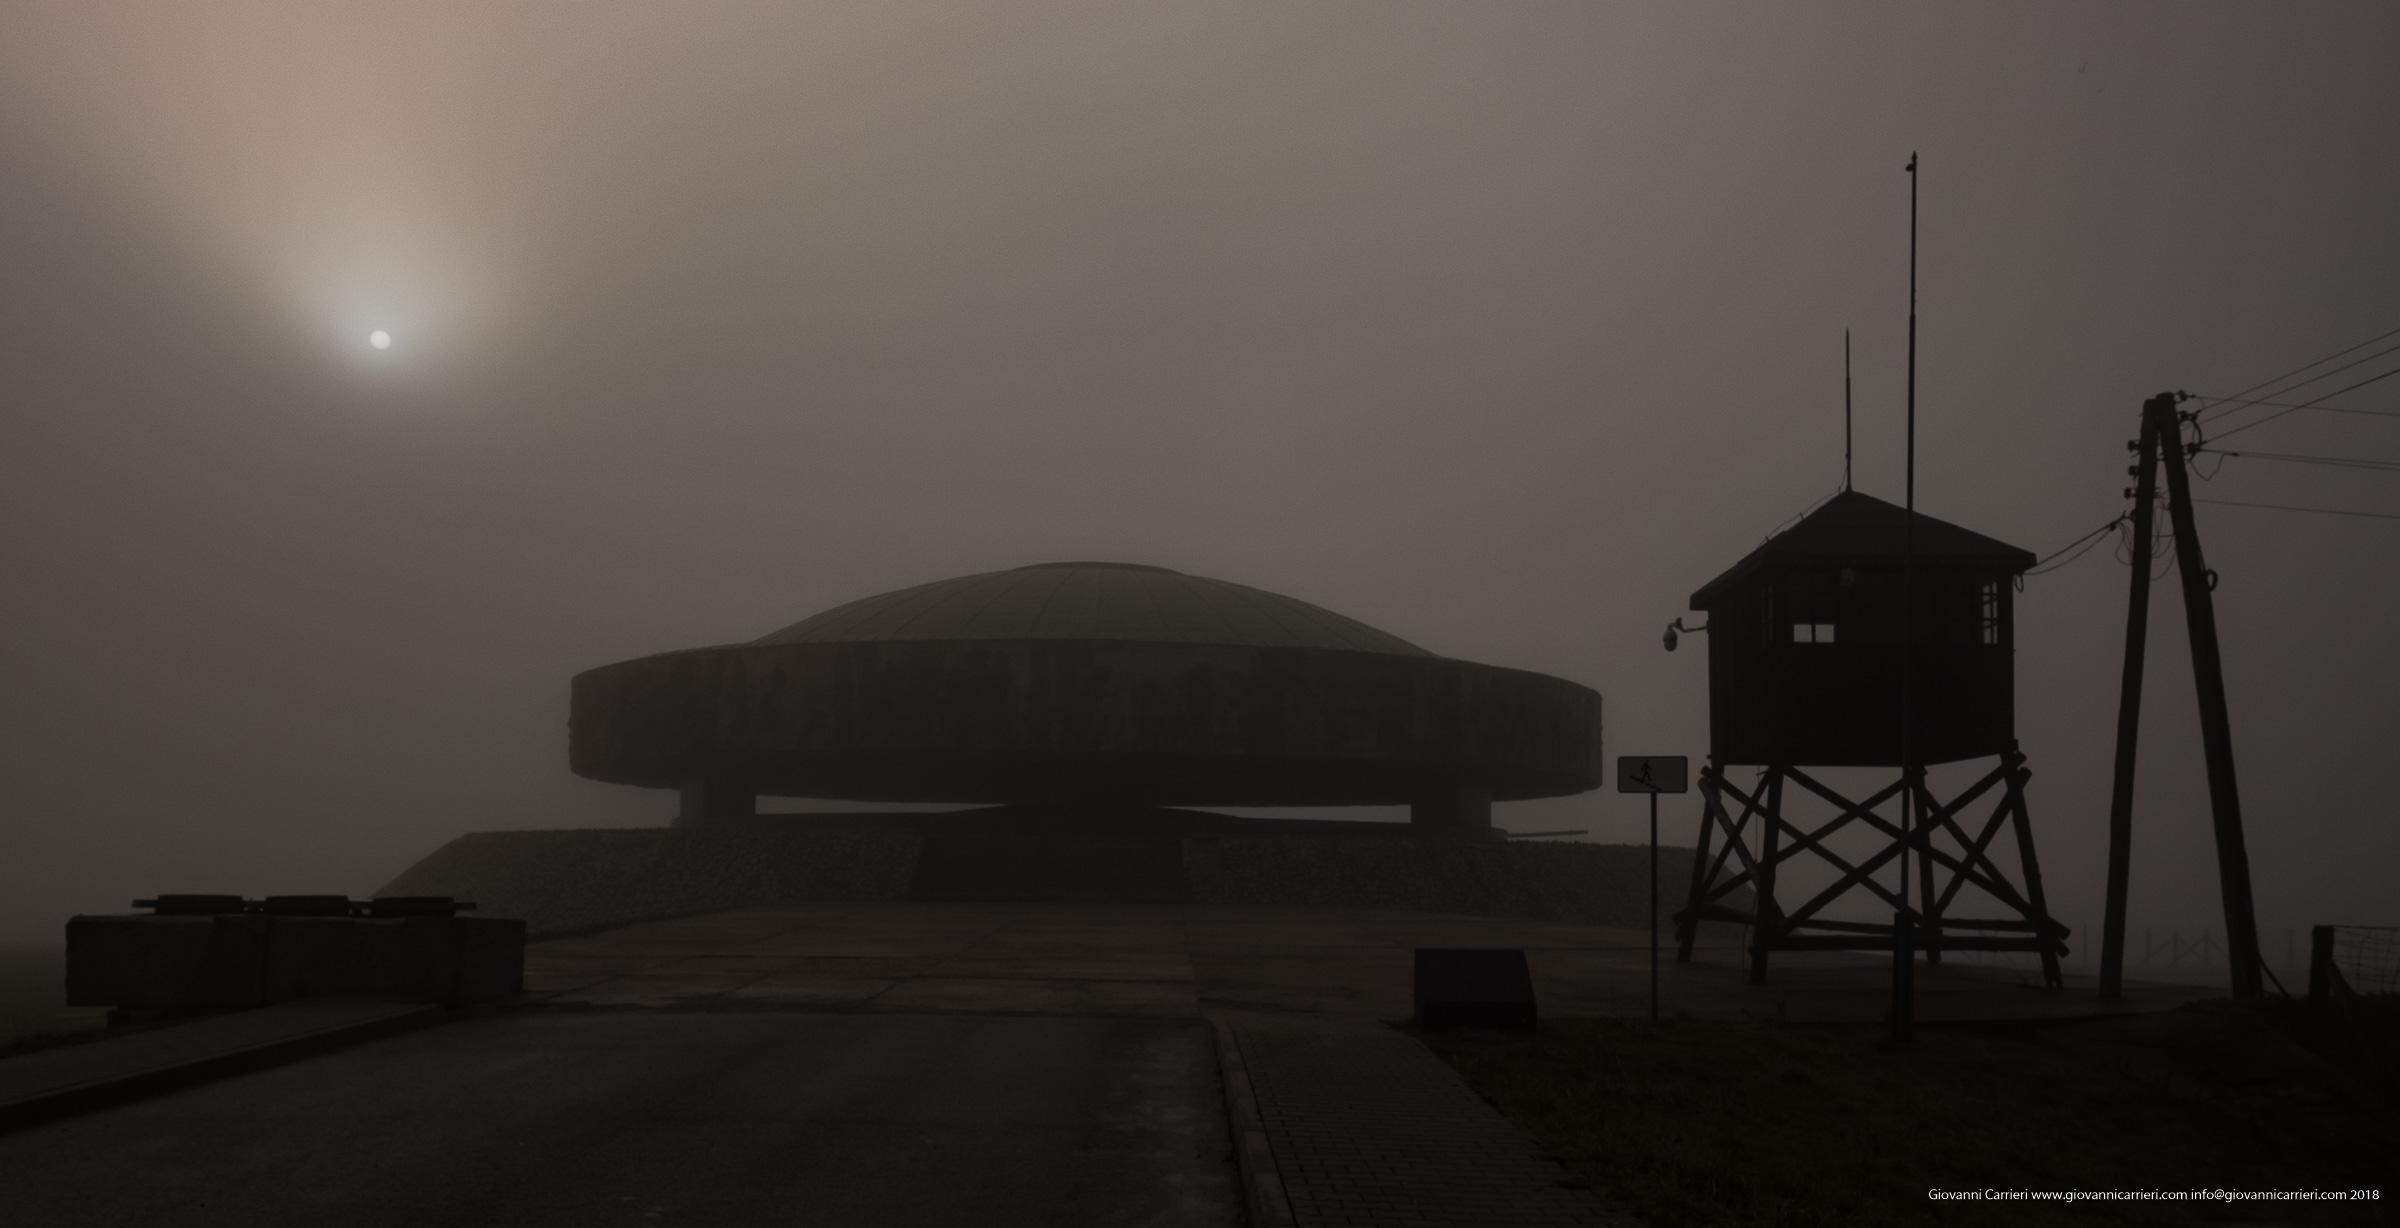 Il Mausoleo eretto nel 1969 contiene ceneri e resti di vittime cremate nel campo di Majdanek